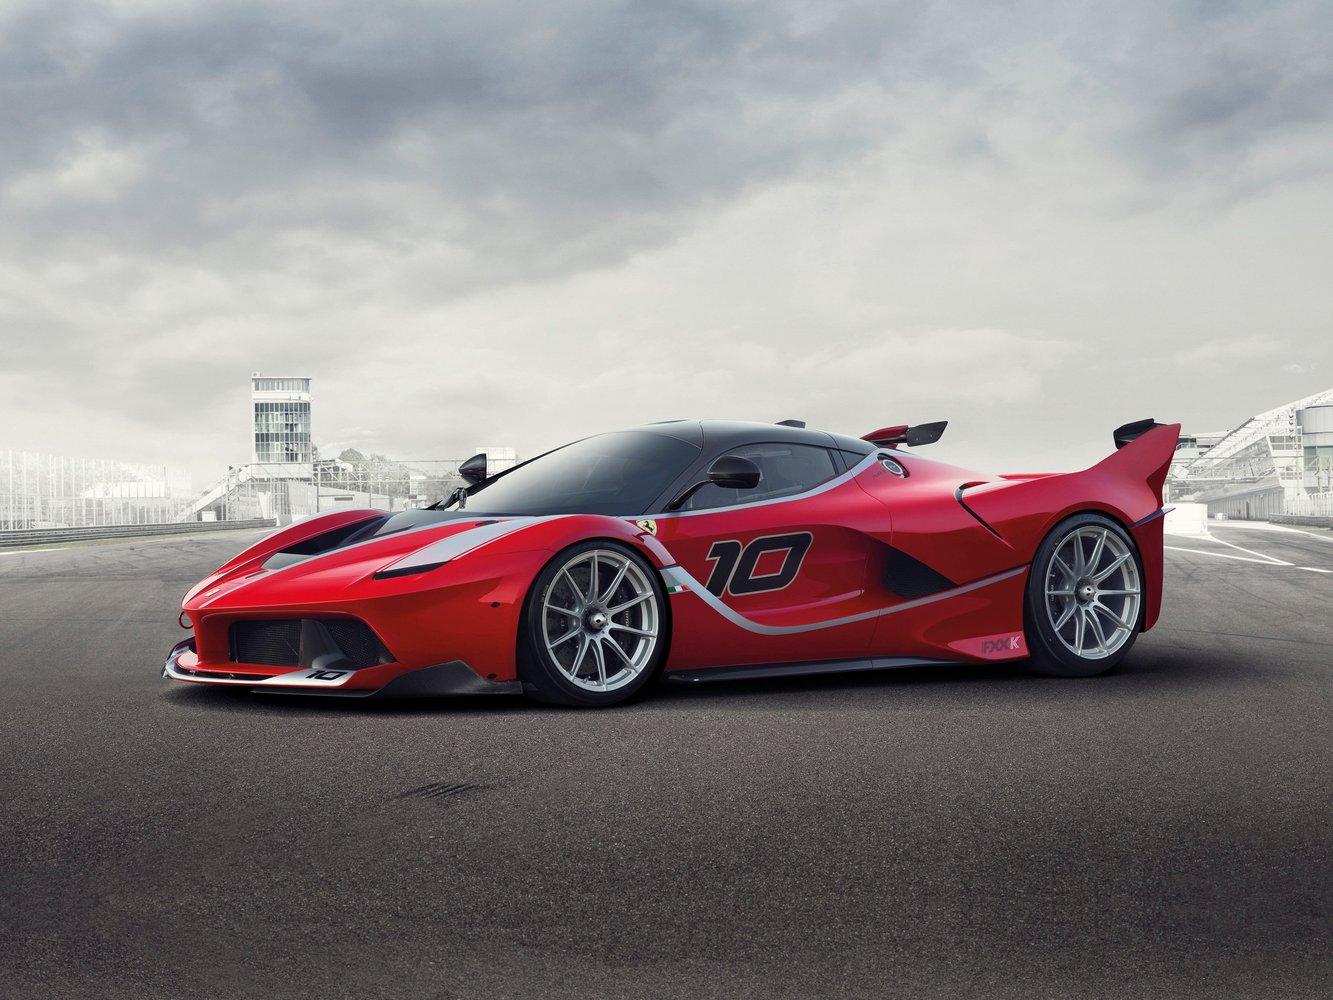 ferrari Ferrari FXX K